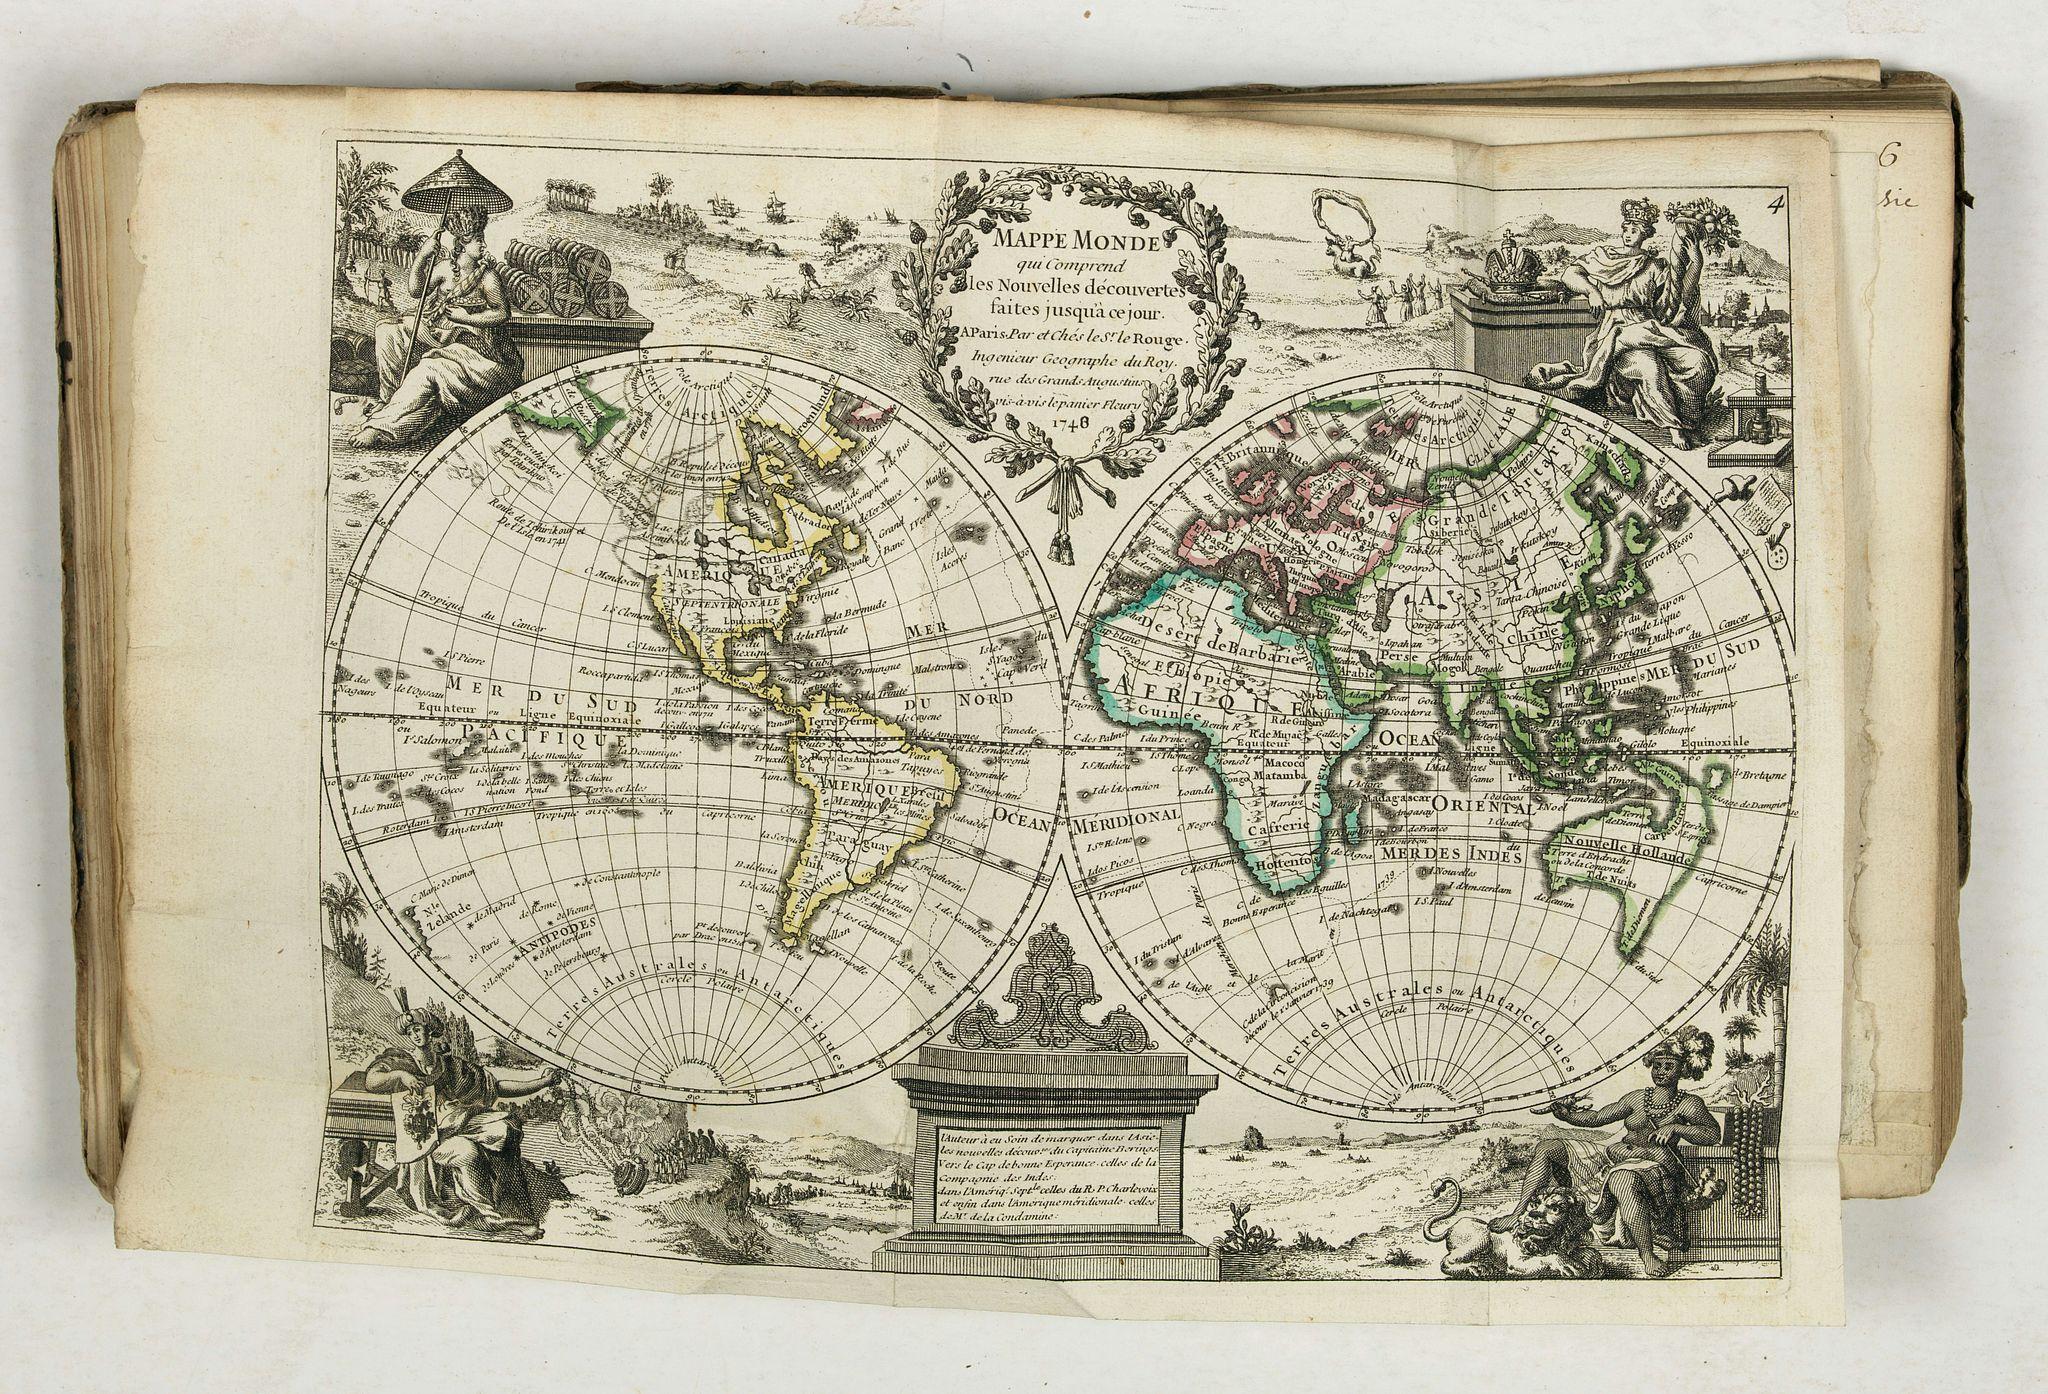 LE ROUGE (Georges-Louis). -  Atlas nouveau portatif à l'usage des militaires et du voyageur.